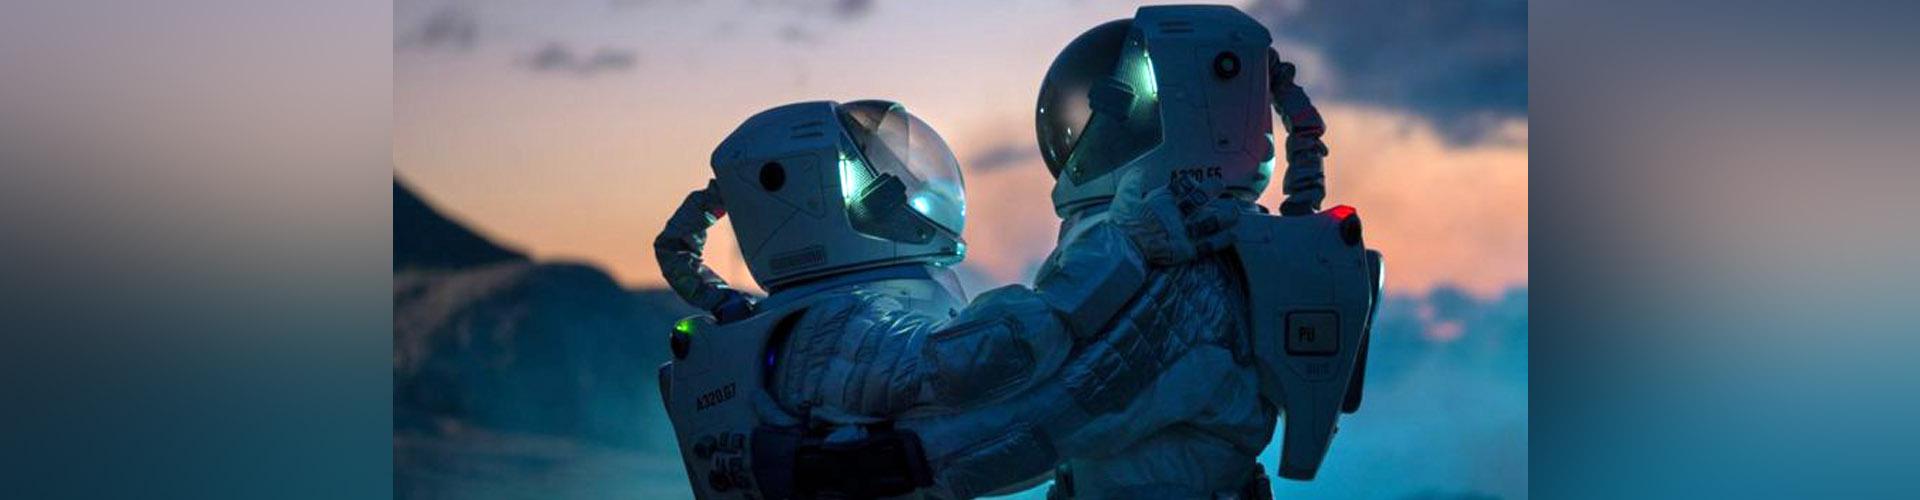 """Qué es la """"sexología del espacio"""" y por qué expertos buscan que las misiones espaciales aborden el deseo de los humanos fuera de la Tierra"""